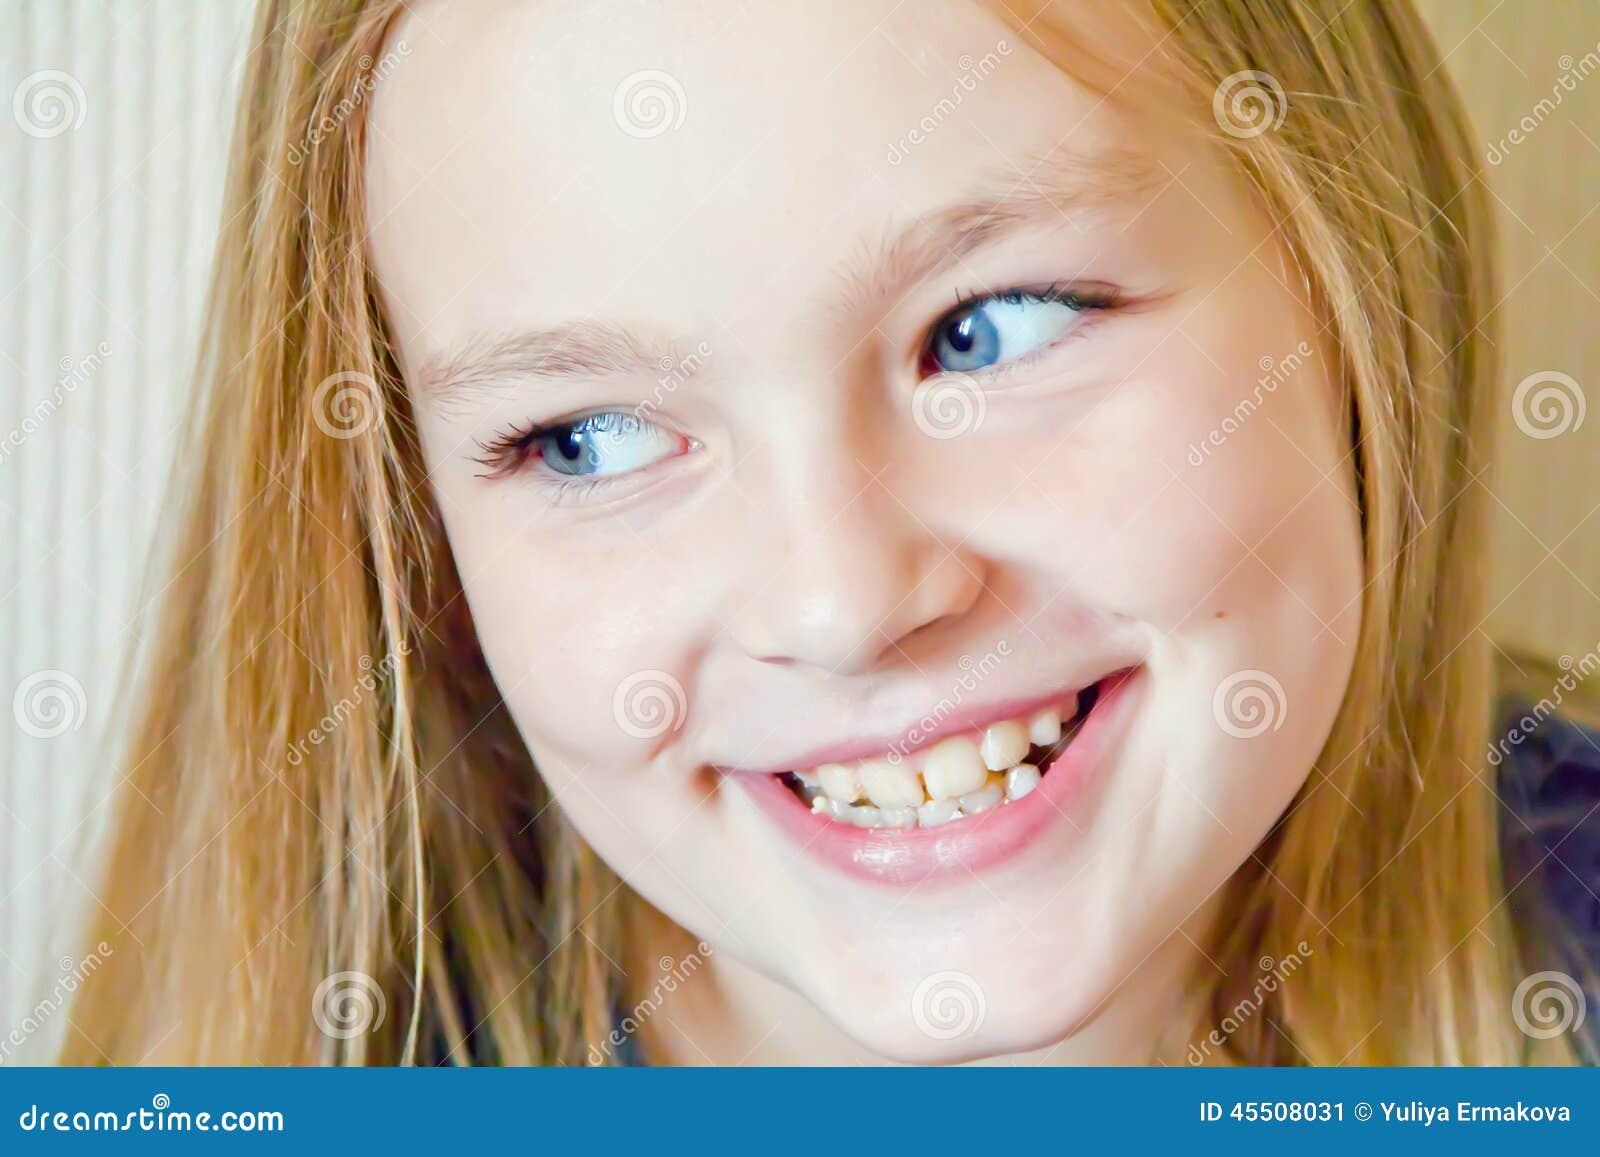 Fille mignonne avec de grands yeux bleus photo stock image 45508031 - Fille yeux bleu ...